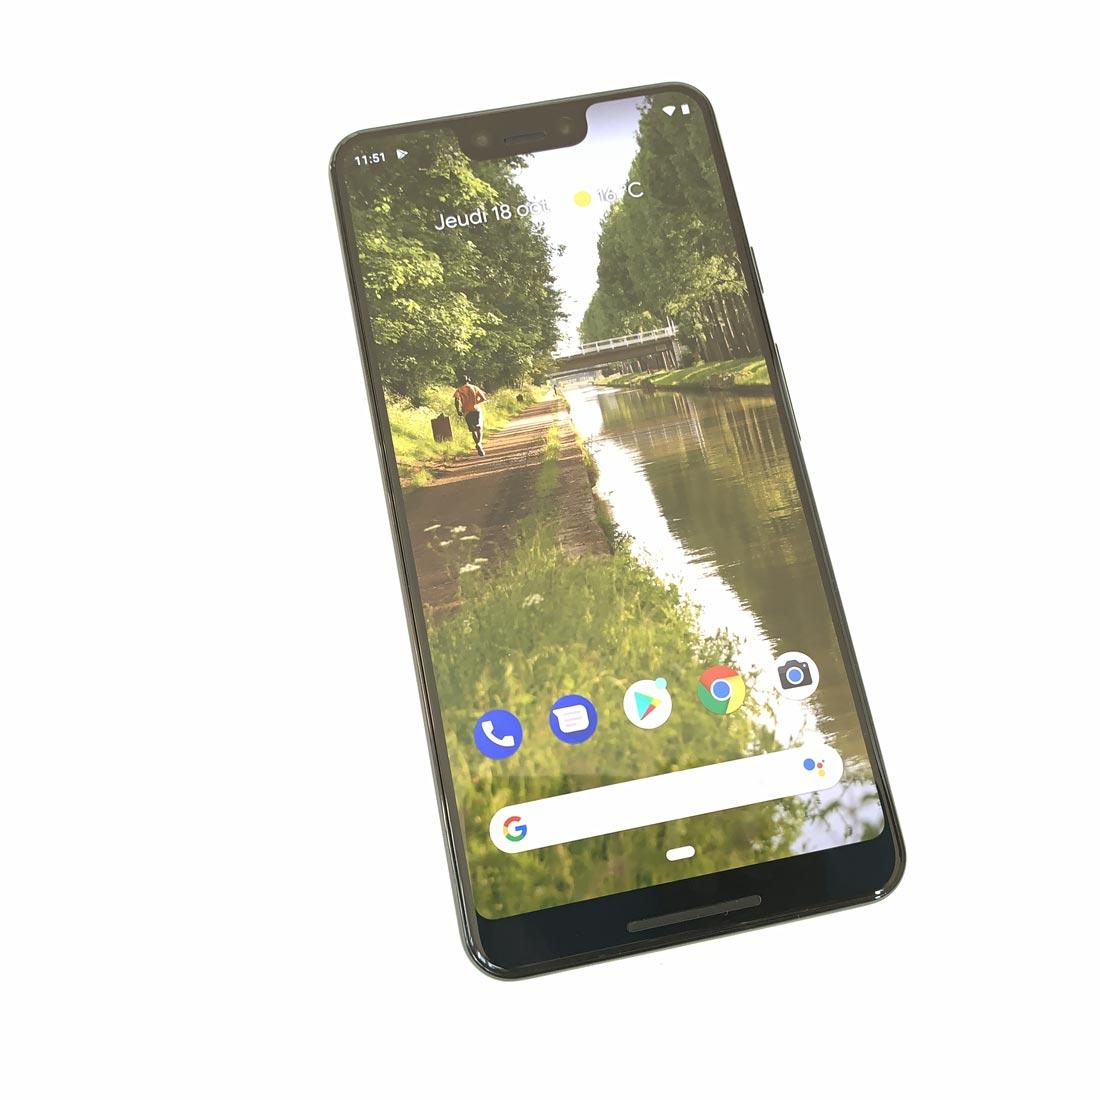 Smartphone Google Pixel 3 XL, 2018, Ph. Moctar KANE.